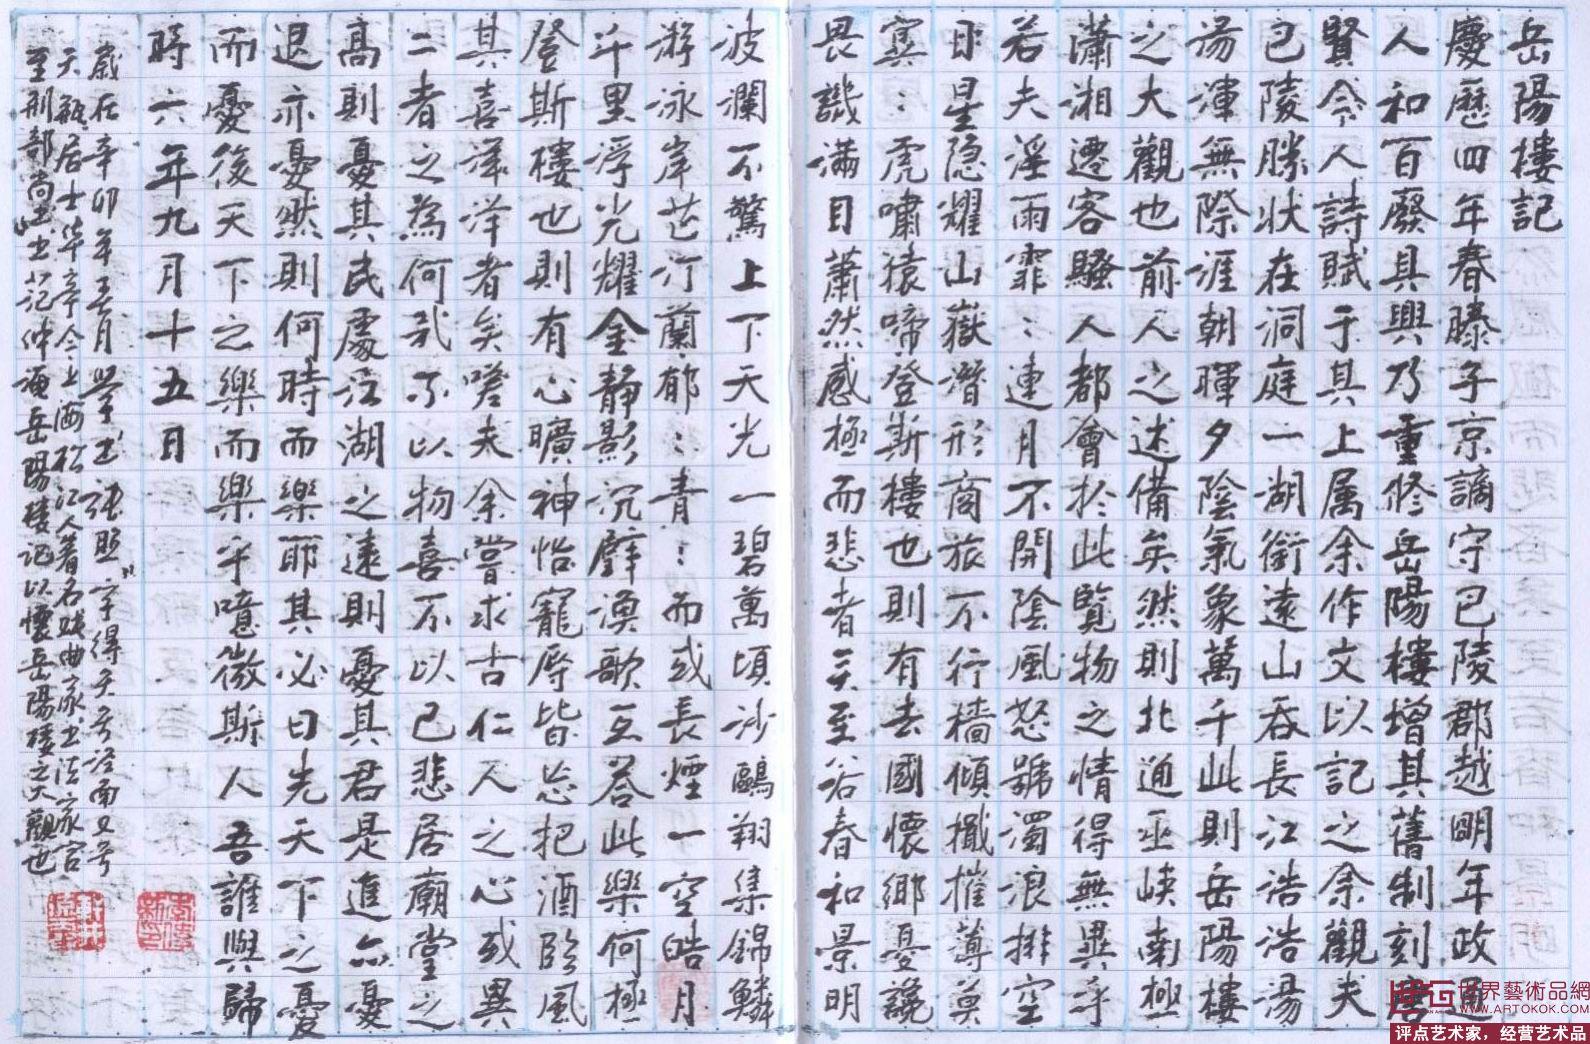 名家 李伟新 书法 - 硬笔书法 楷书 岳阳楼记 当前 位粉丝喜爱本幅图片